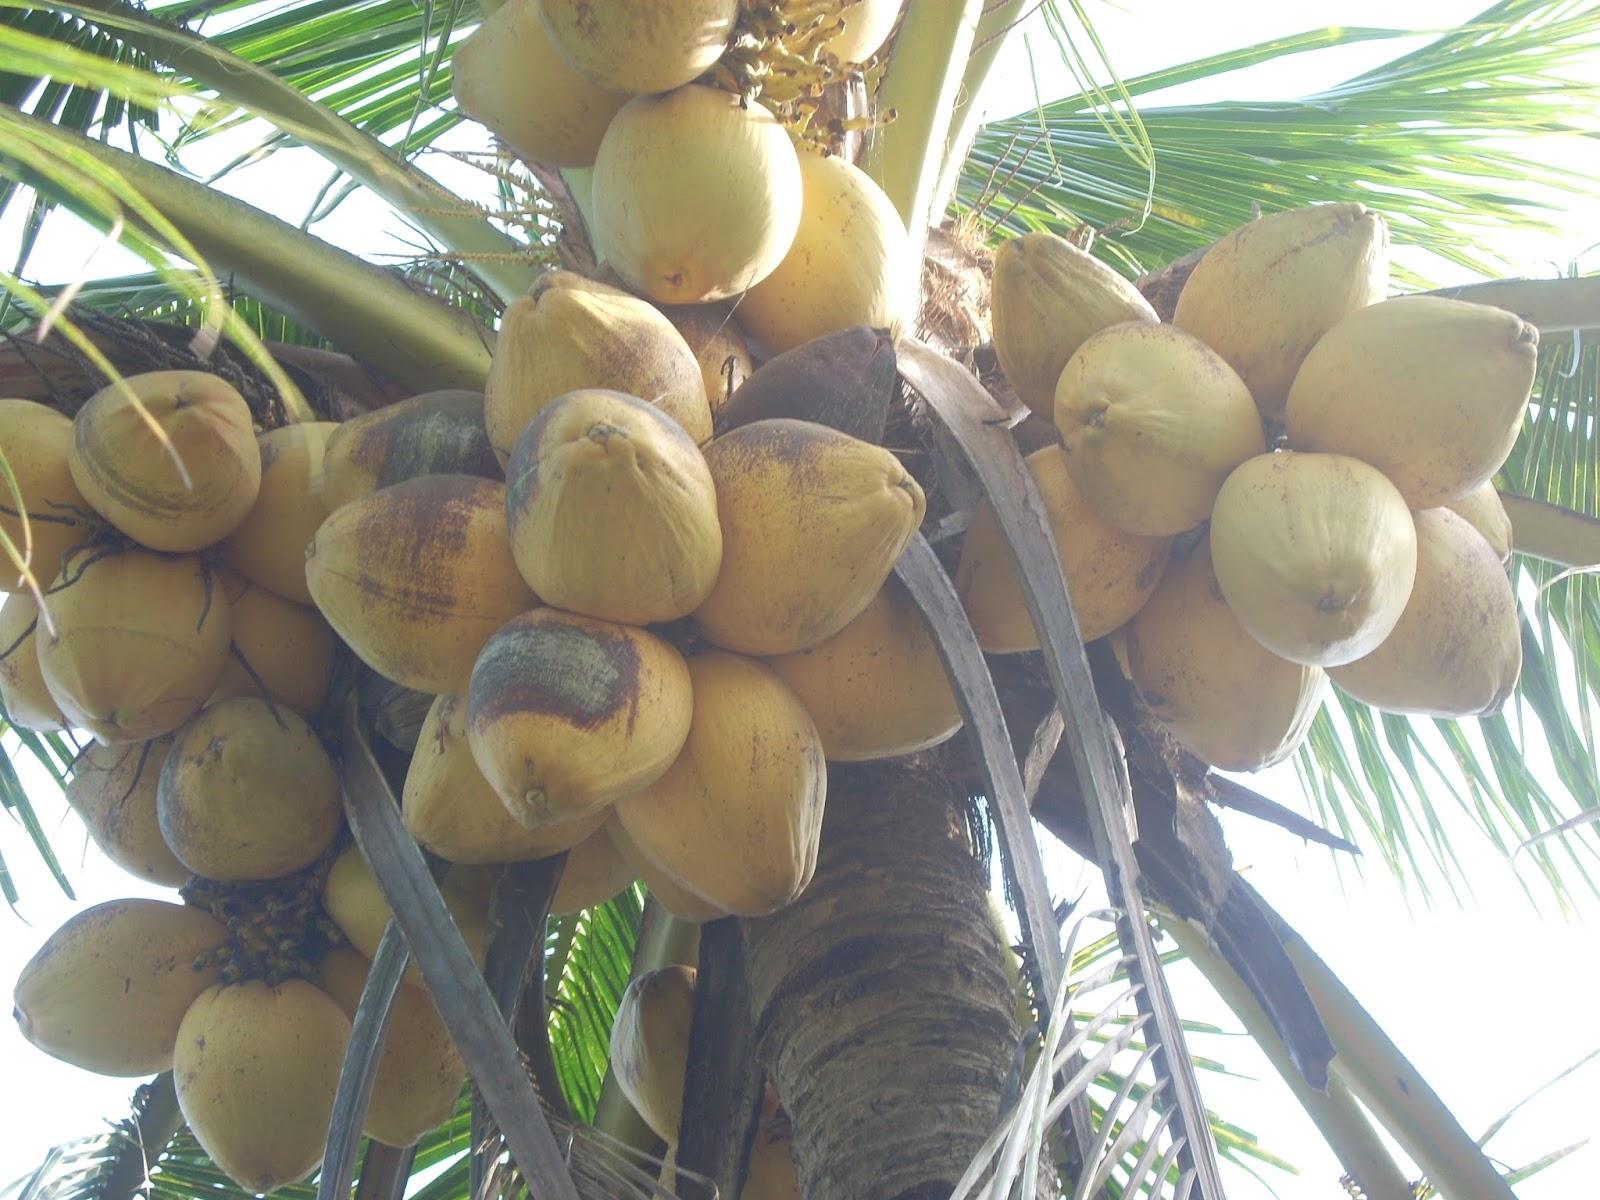 Loại dừa giá lên tới 300.000 đồng/quả có gì đặc biệt?-9